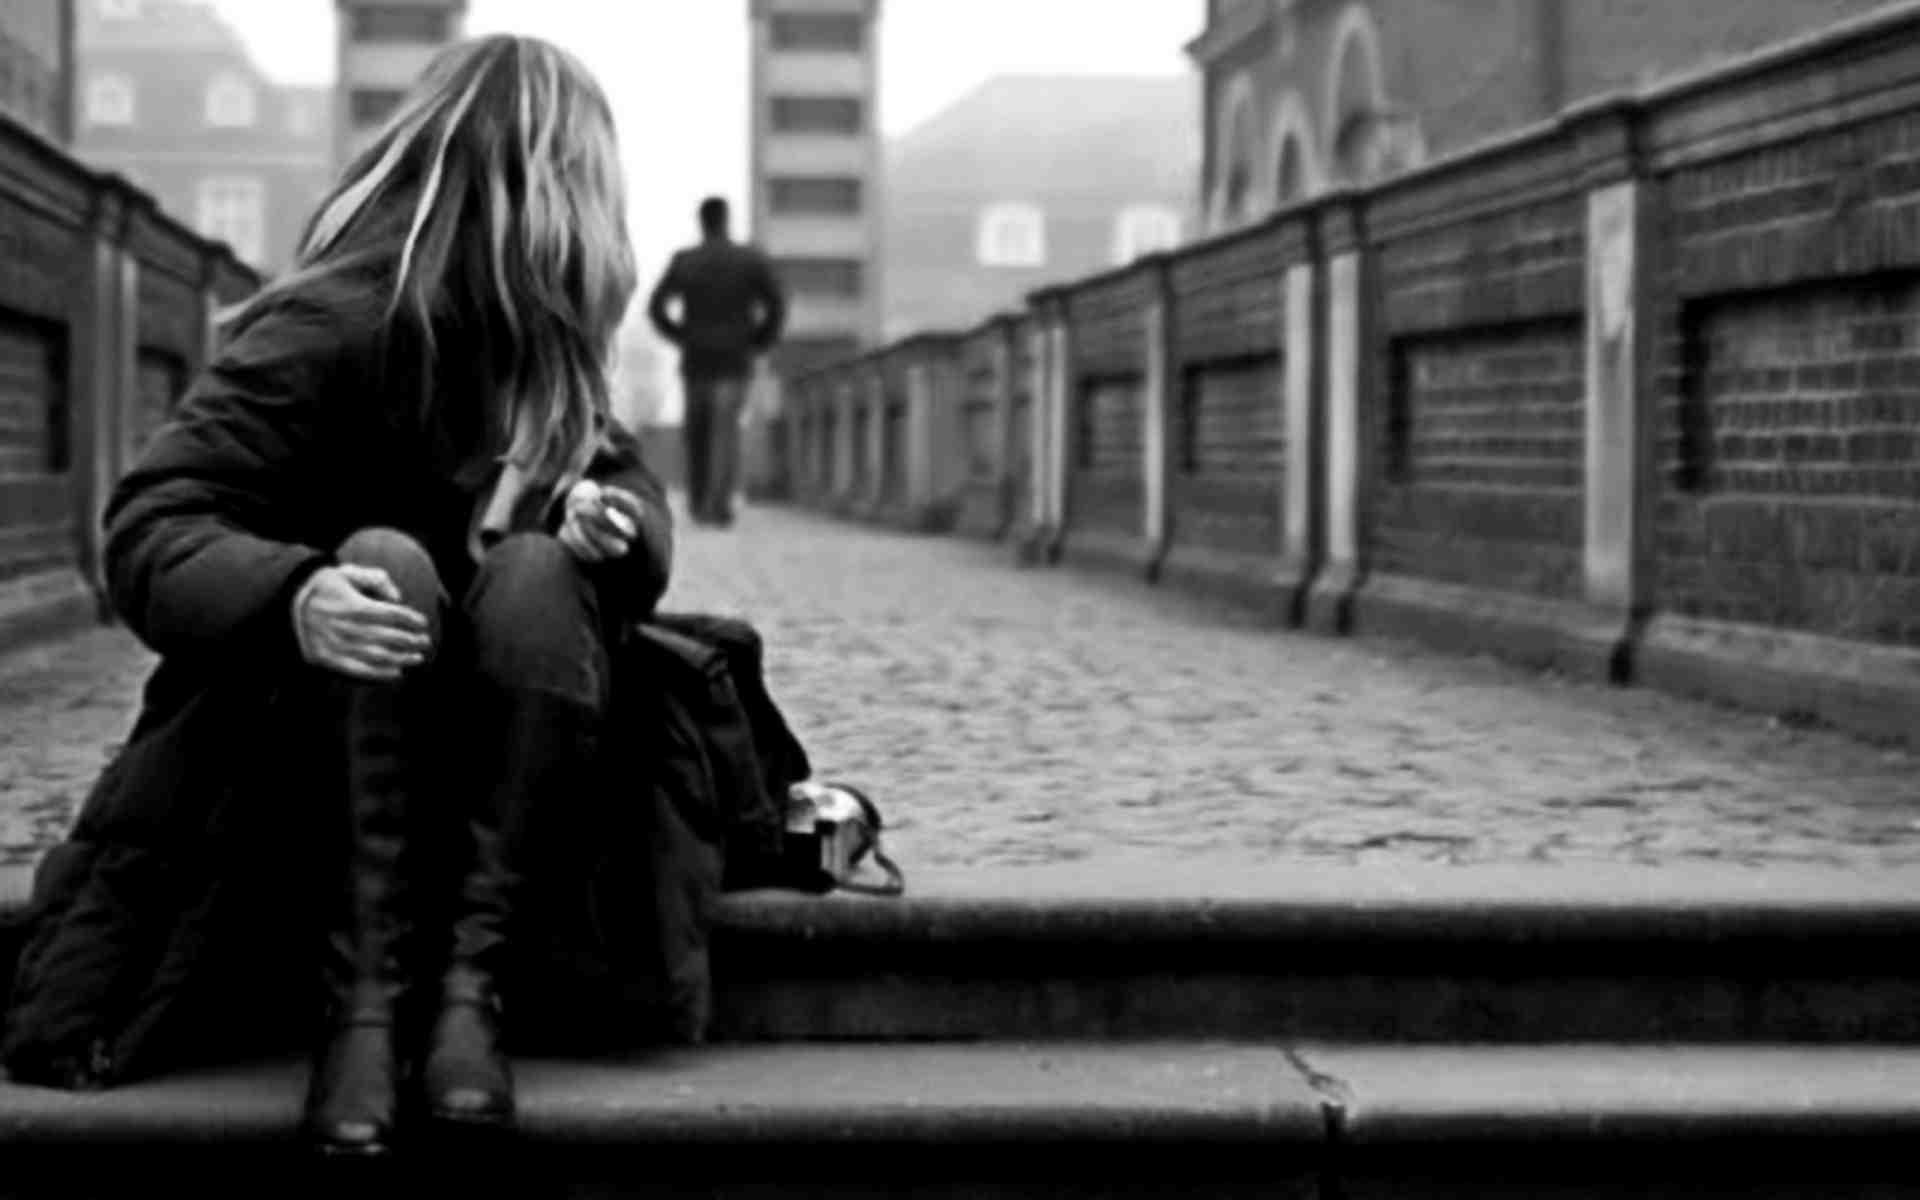 Hình nền buồn người đi để lại mình ta